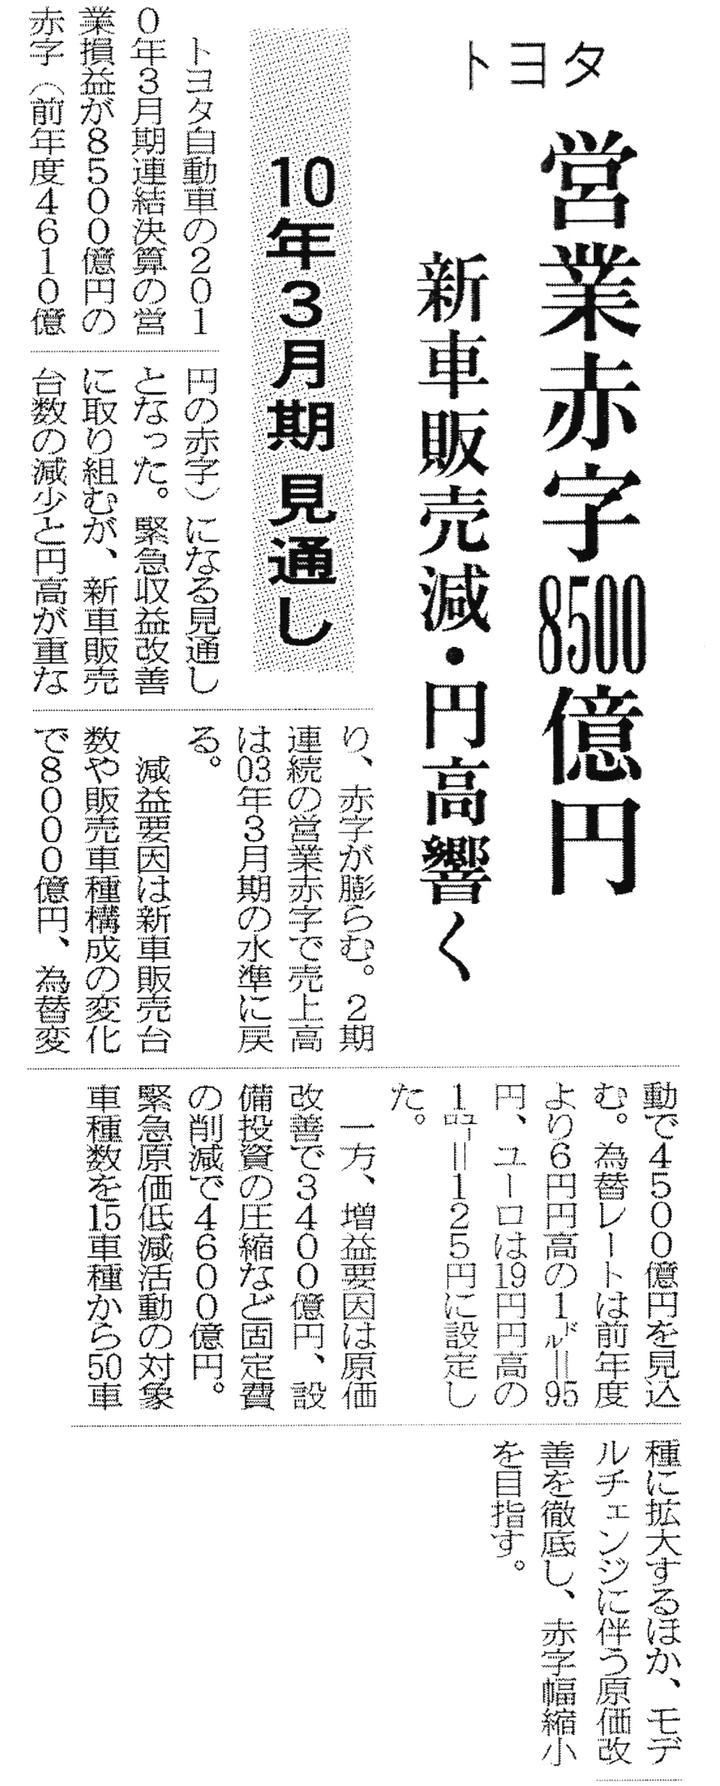 トヨタ企業サイト トヨタ自動車75年史 第3部 第5章 第1節 第3項 赤字決算